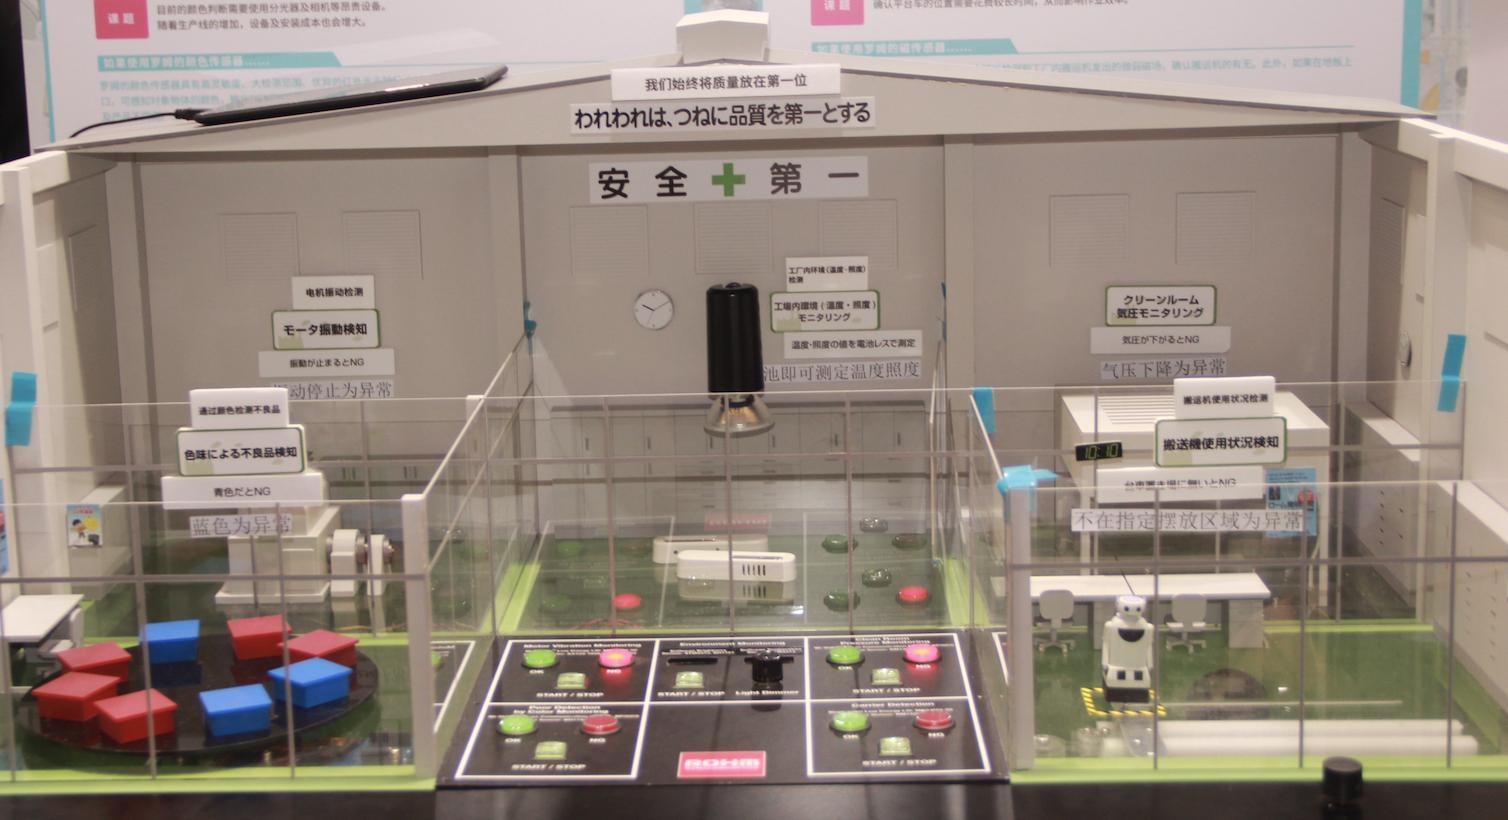 直击慕尼黑电子展:半导体产业的颠覆与创新